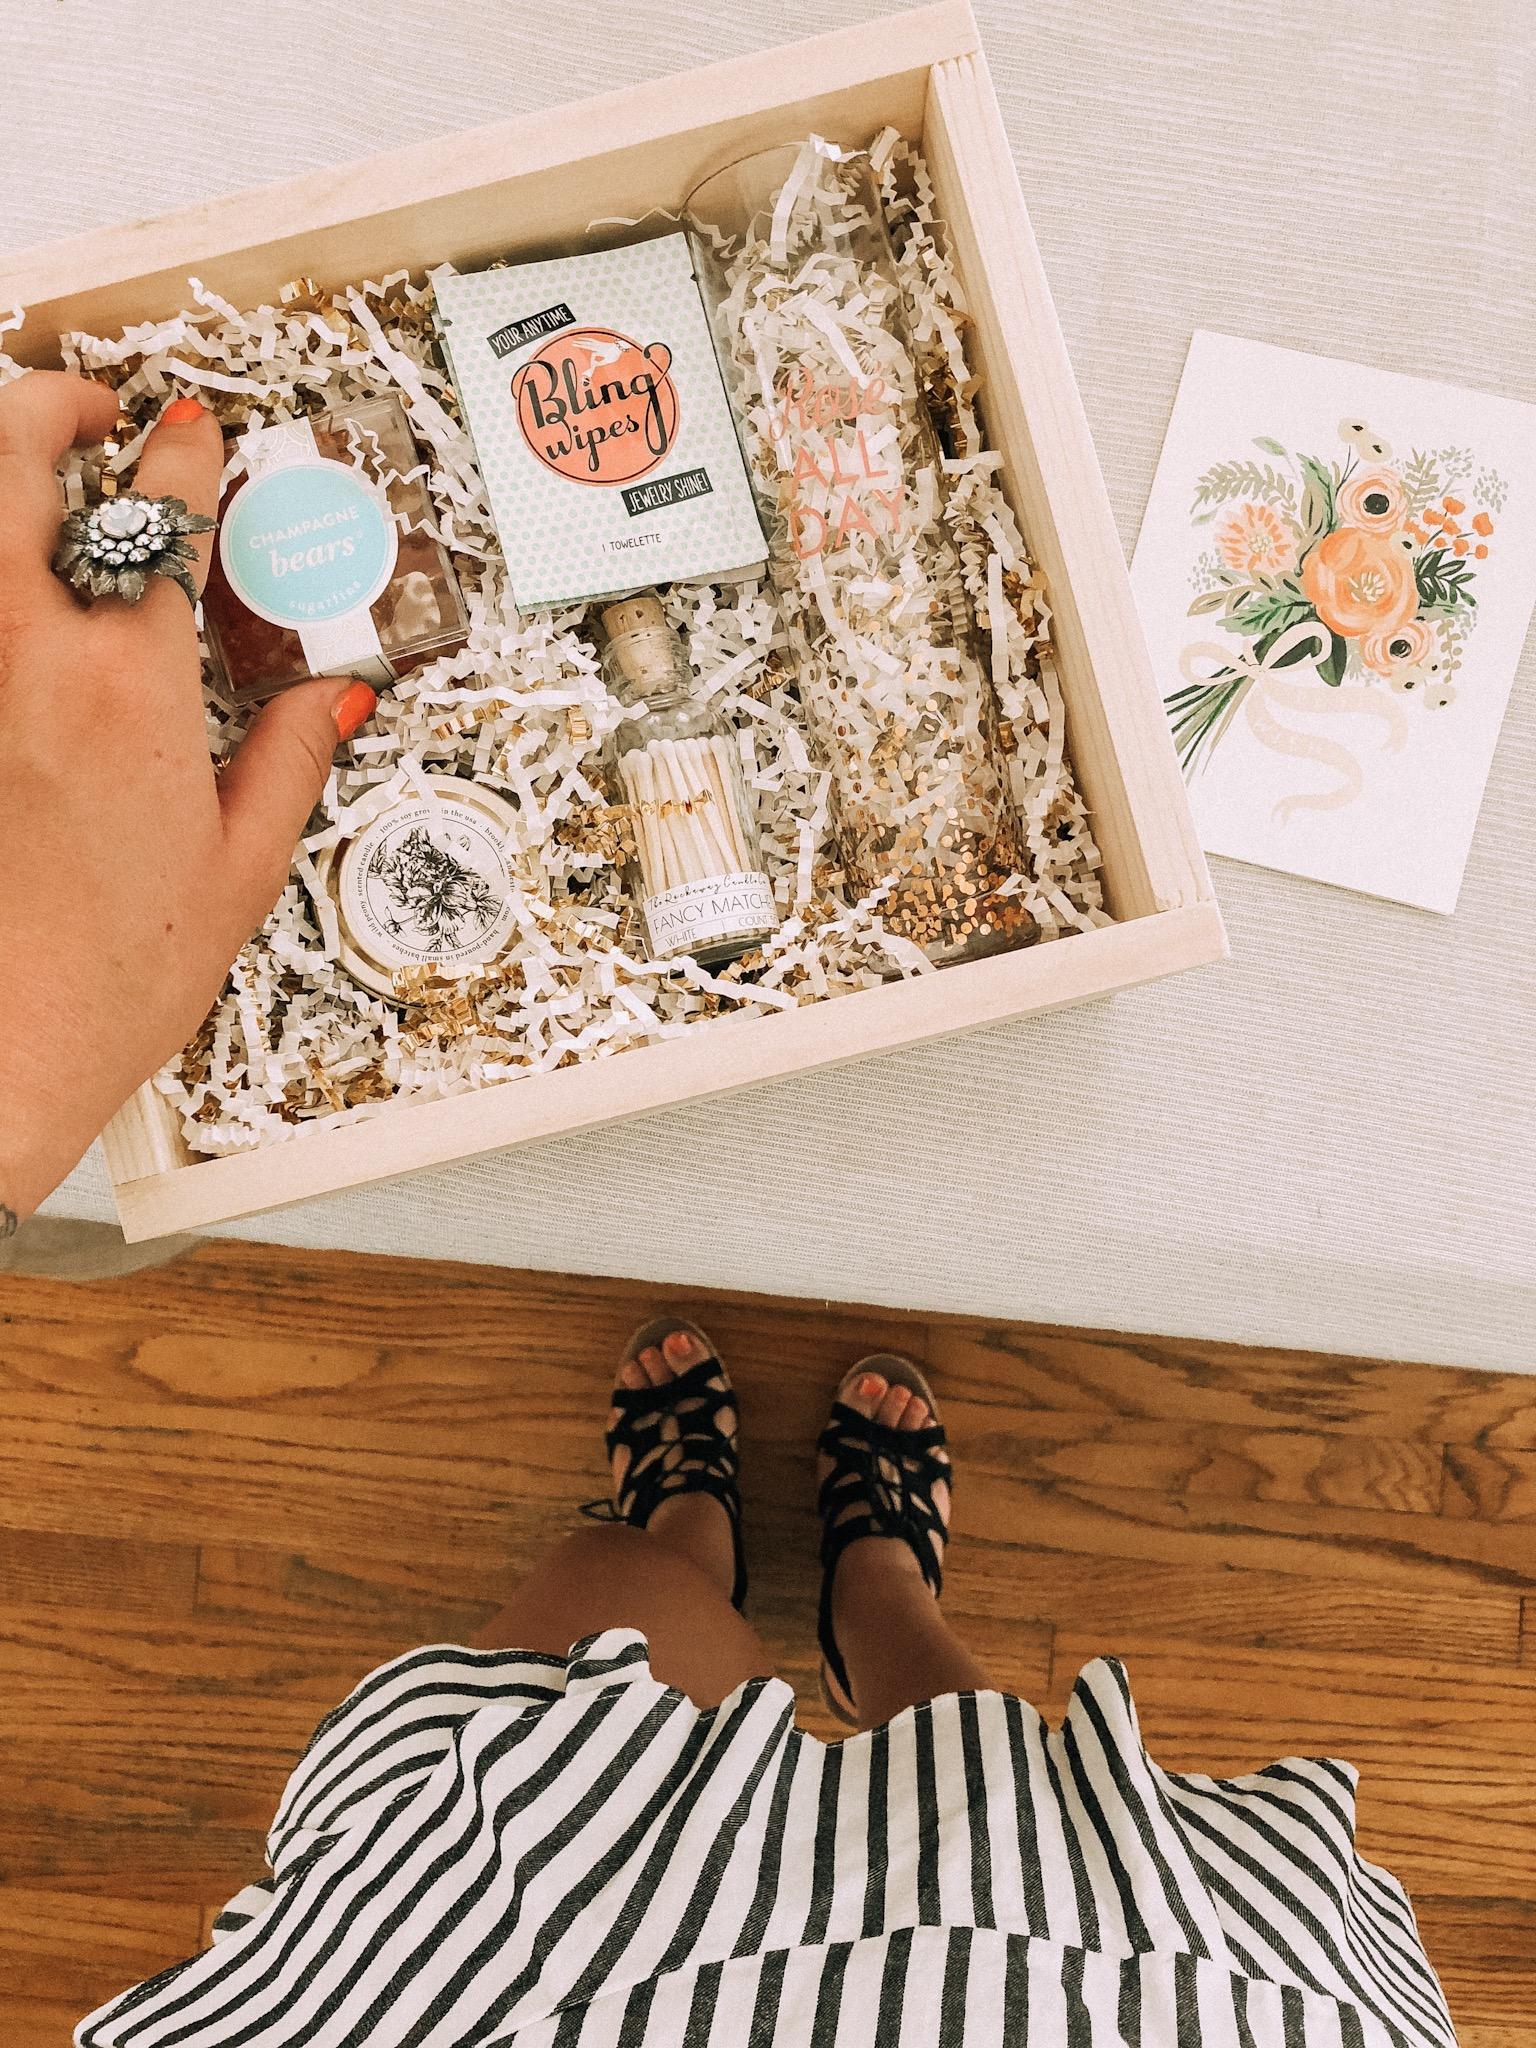 Congrats babe wedding gift